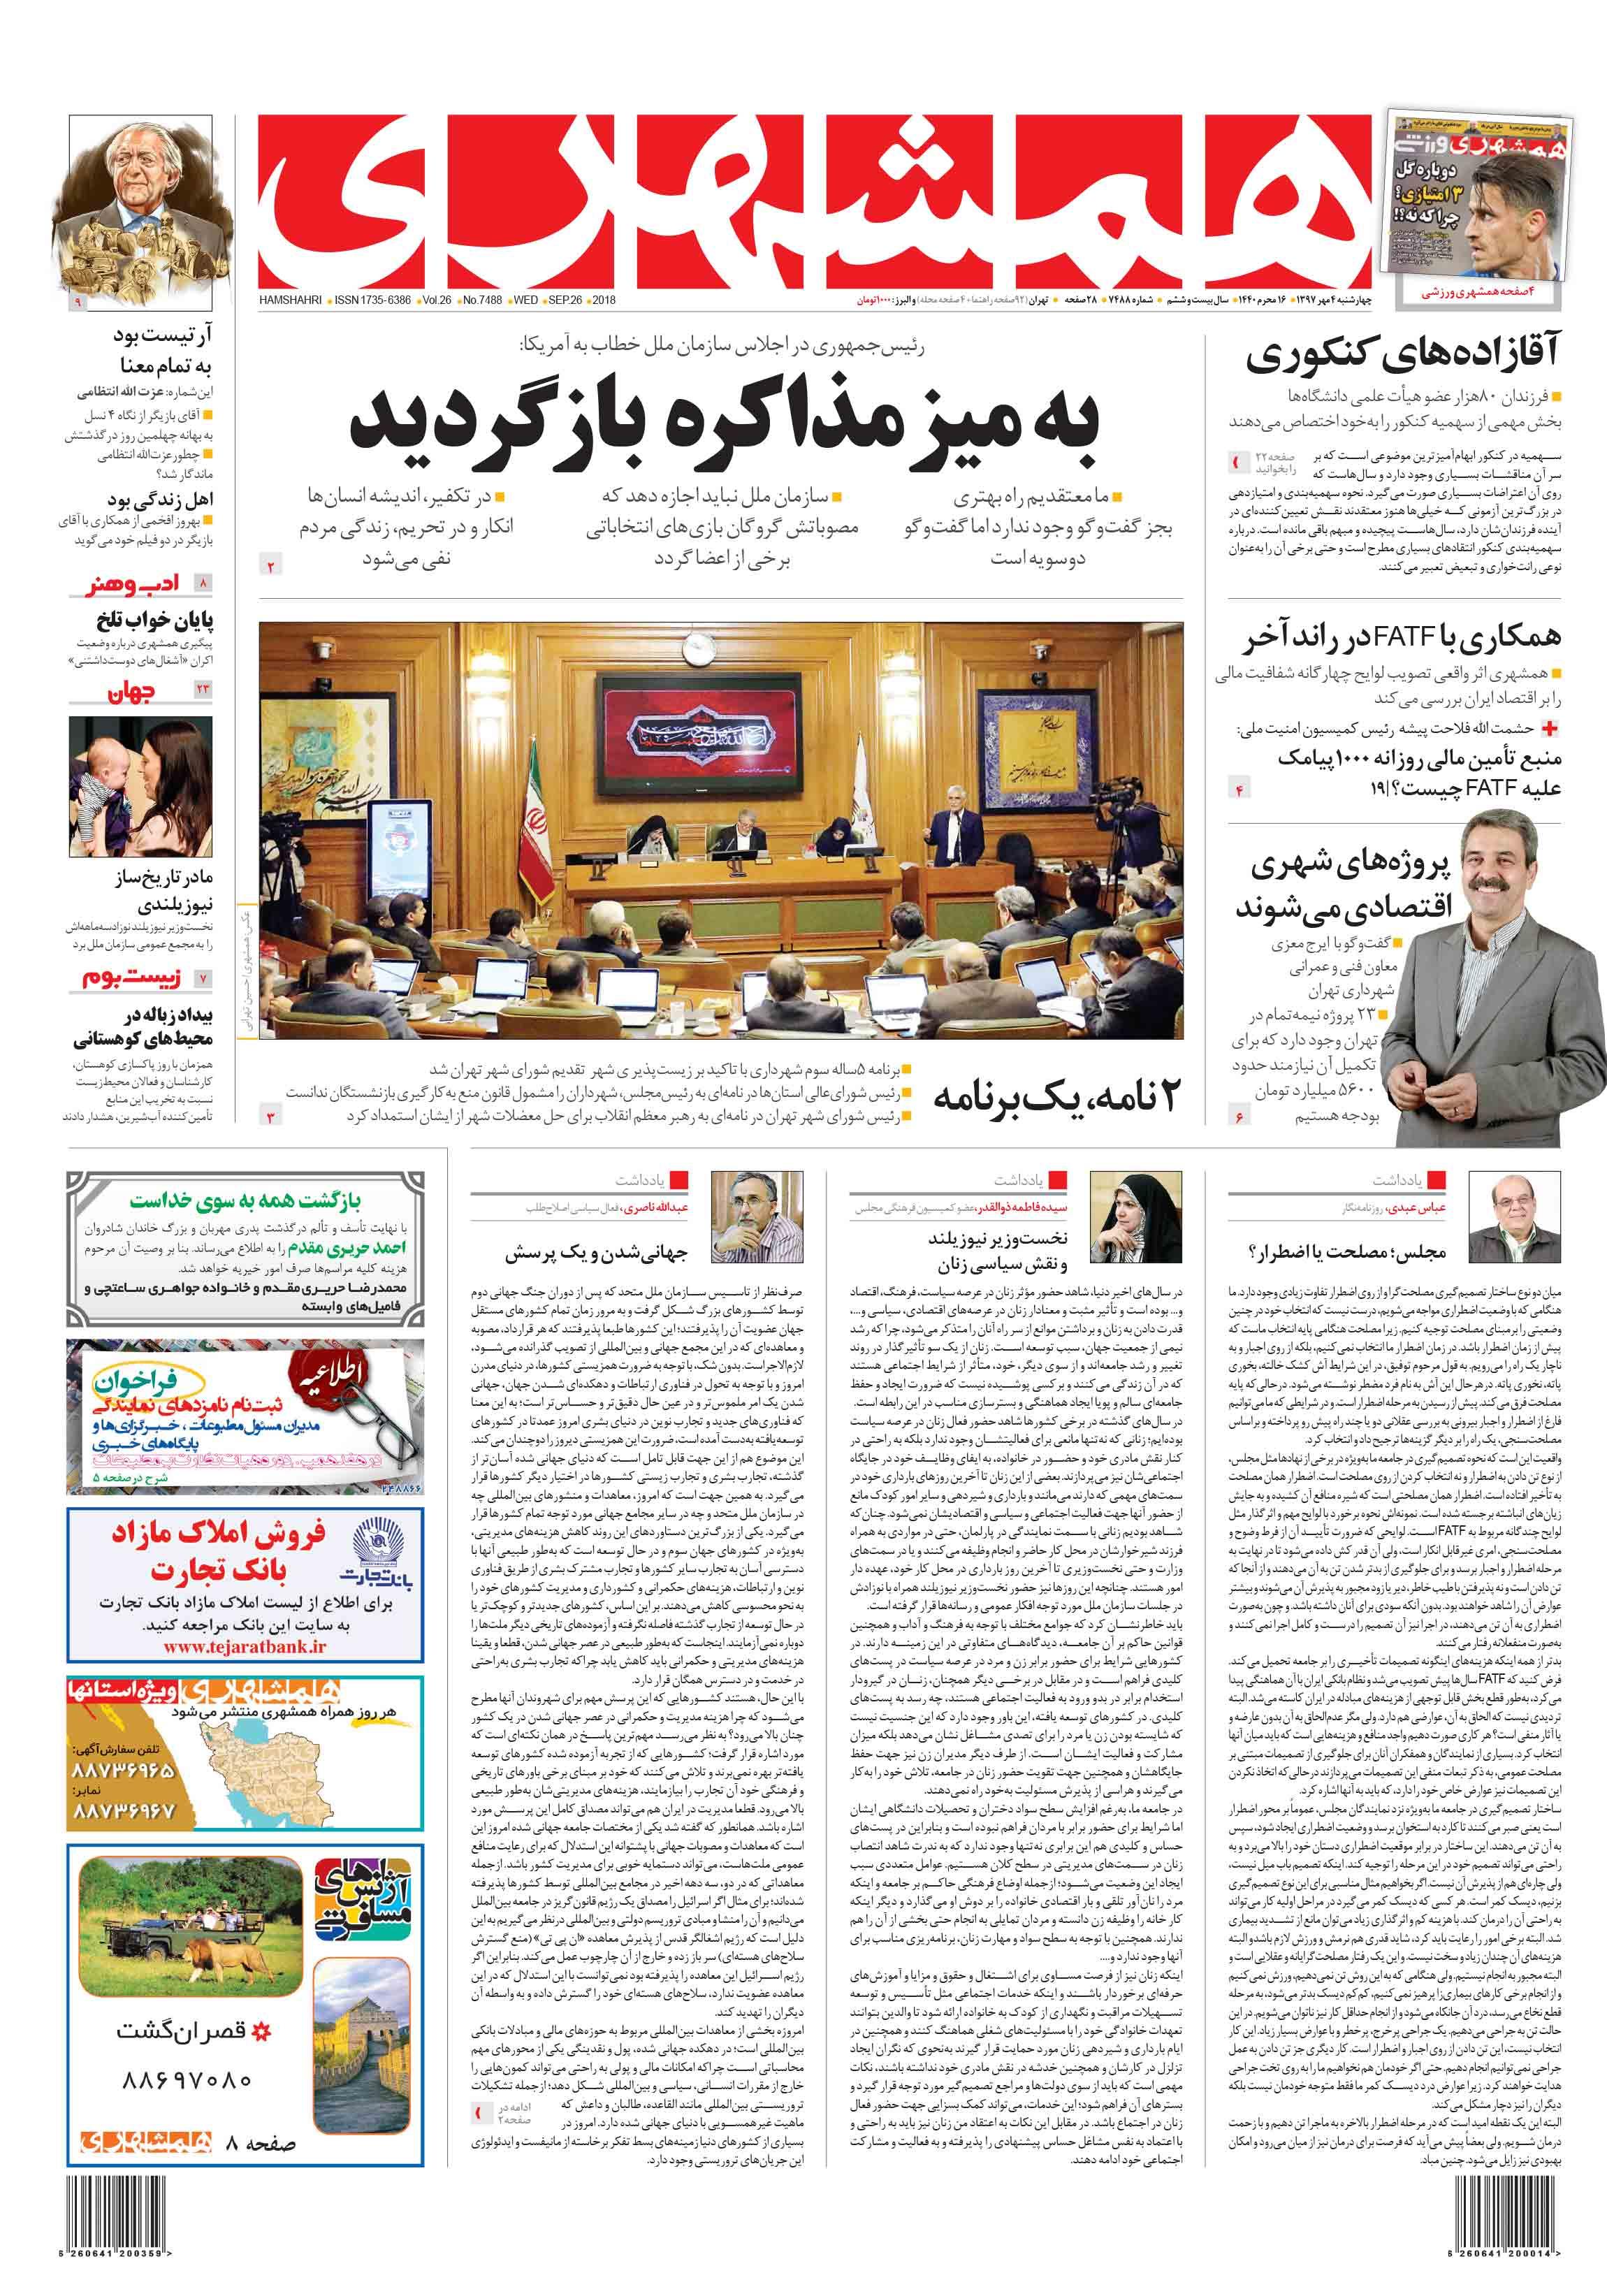 صفحه اول چهارشنبه 4 مهر 1397